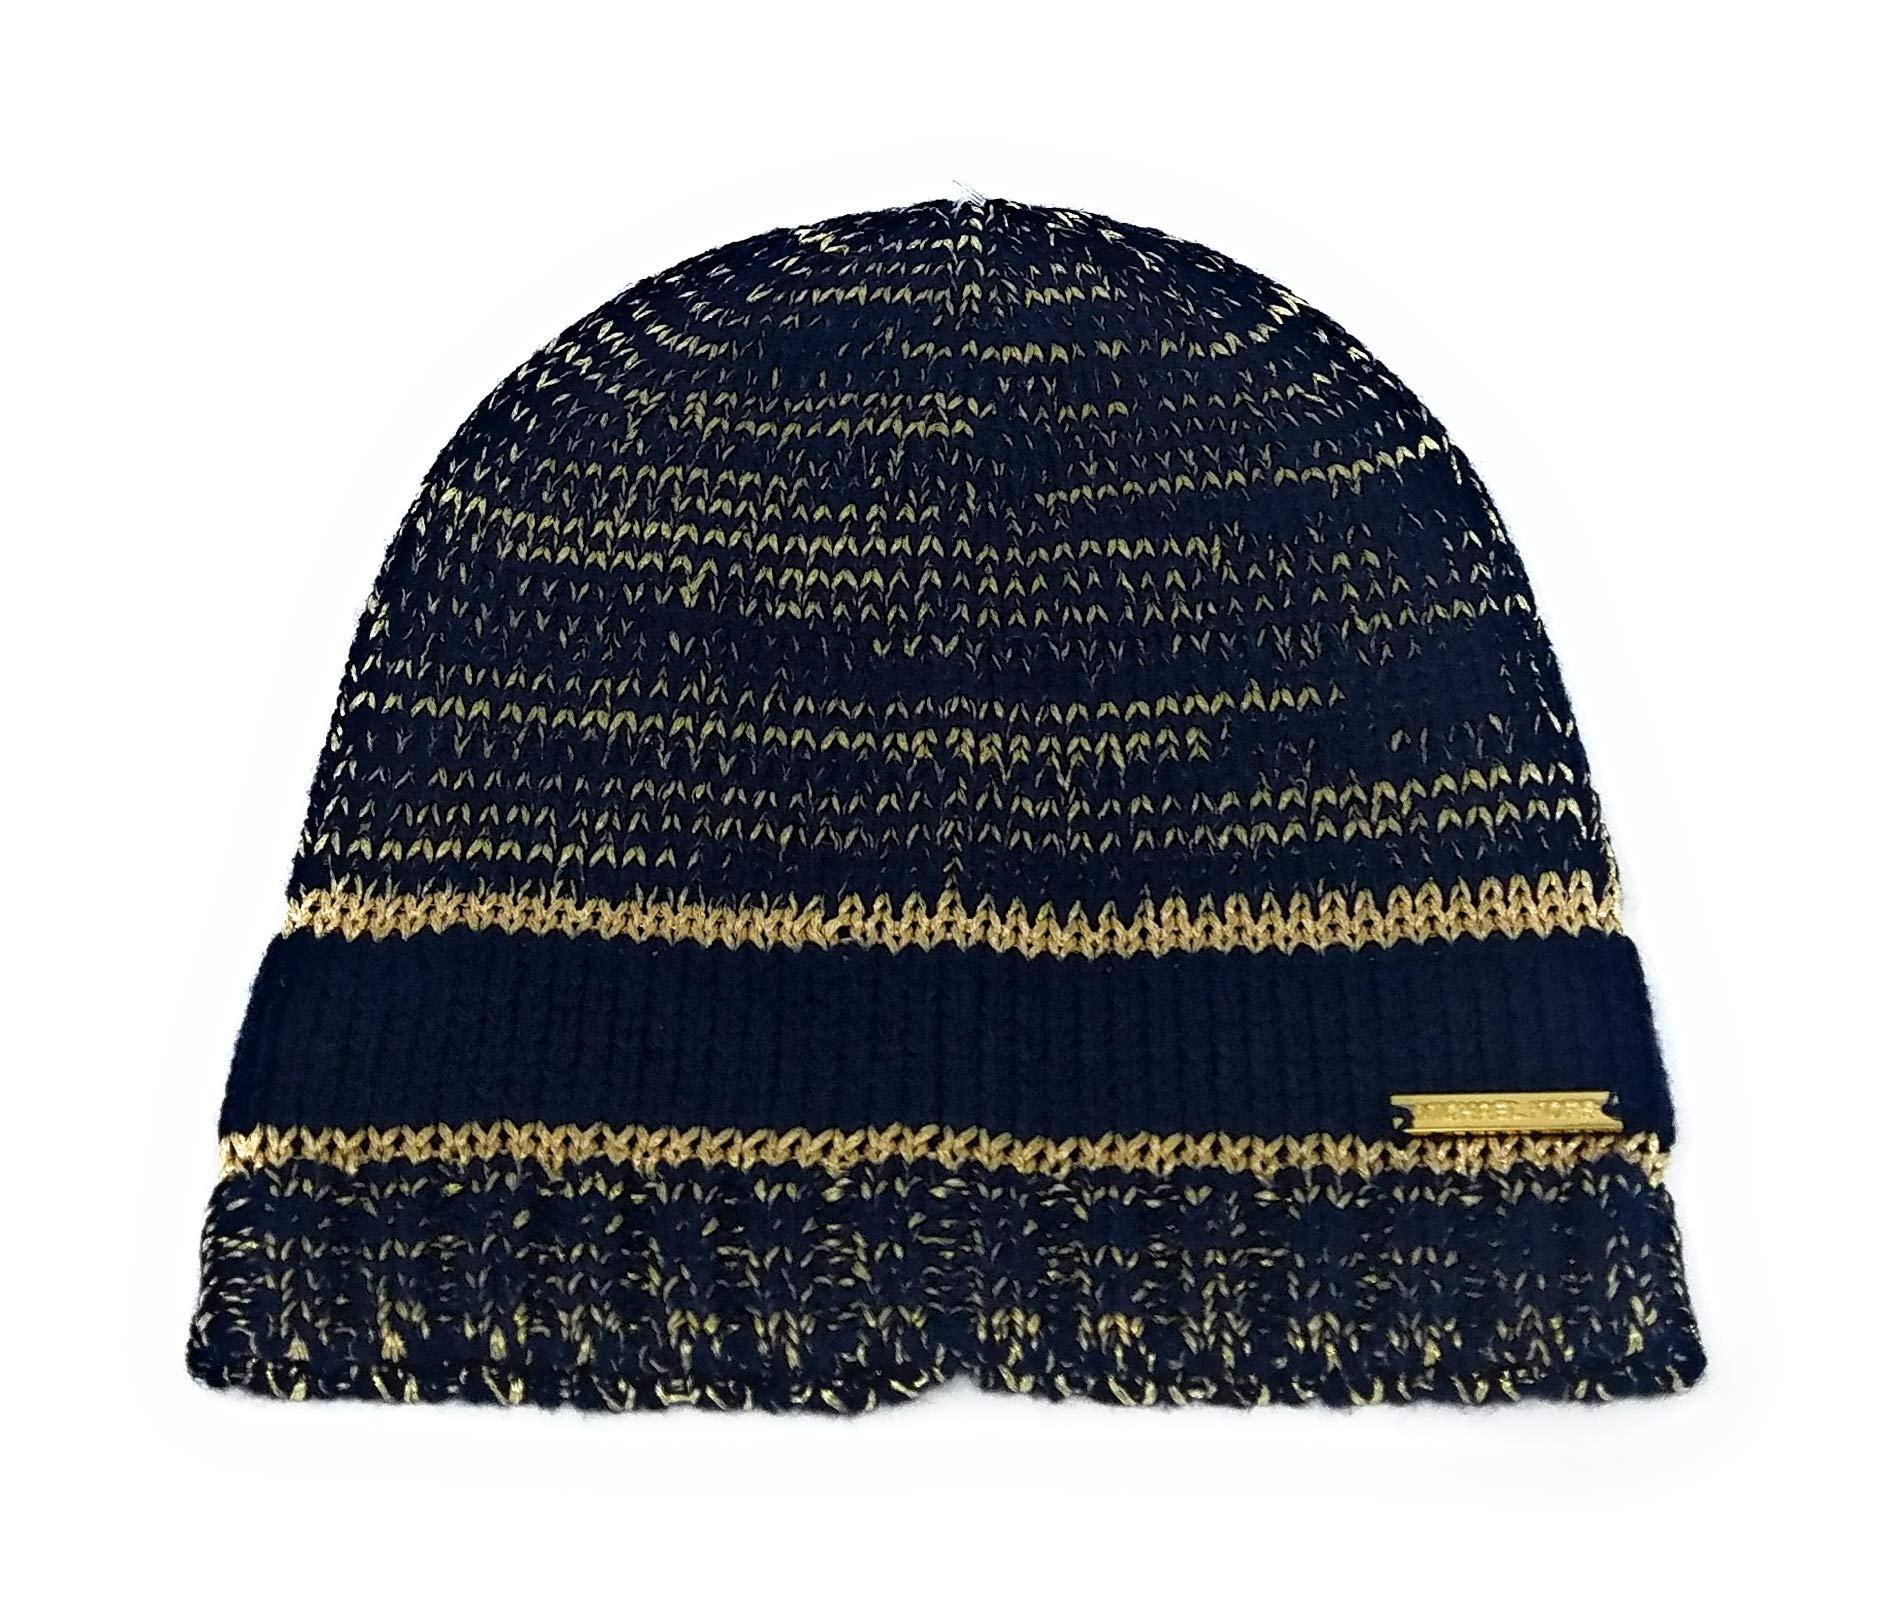 Michael Kors Women's Shimmer Stripe Beanie (Navy/Gold)